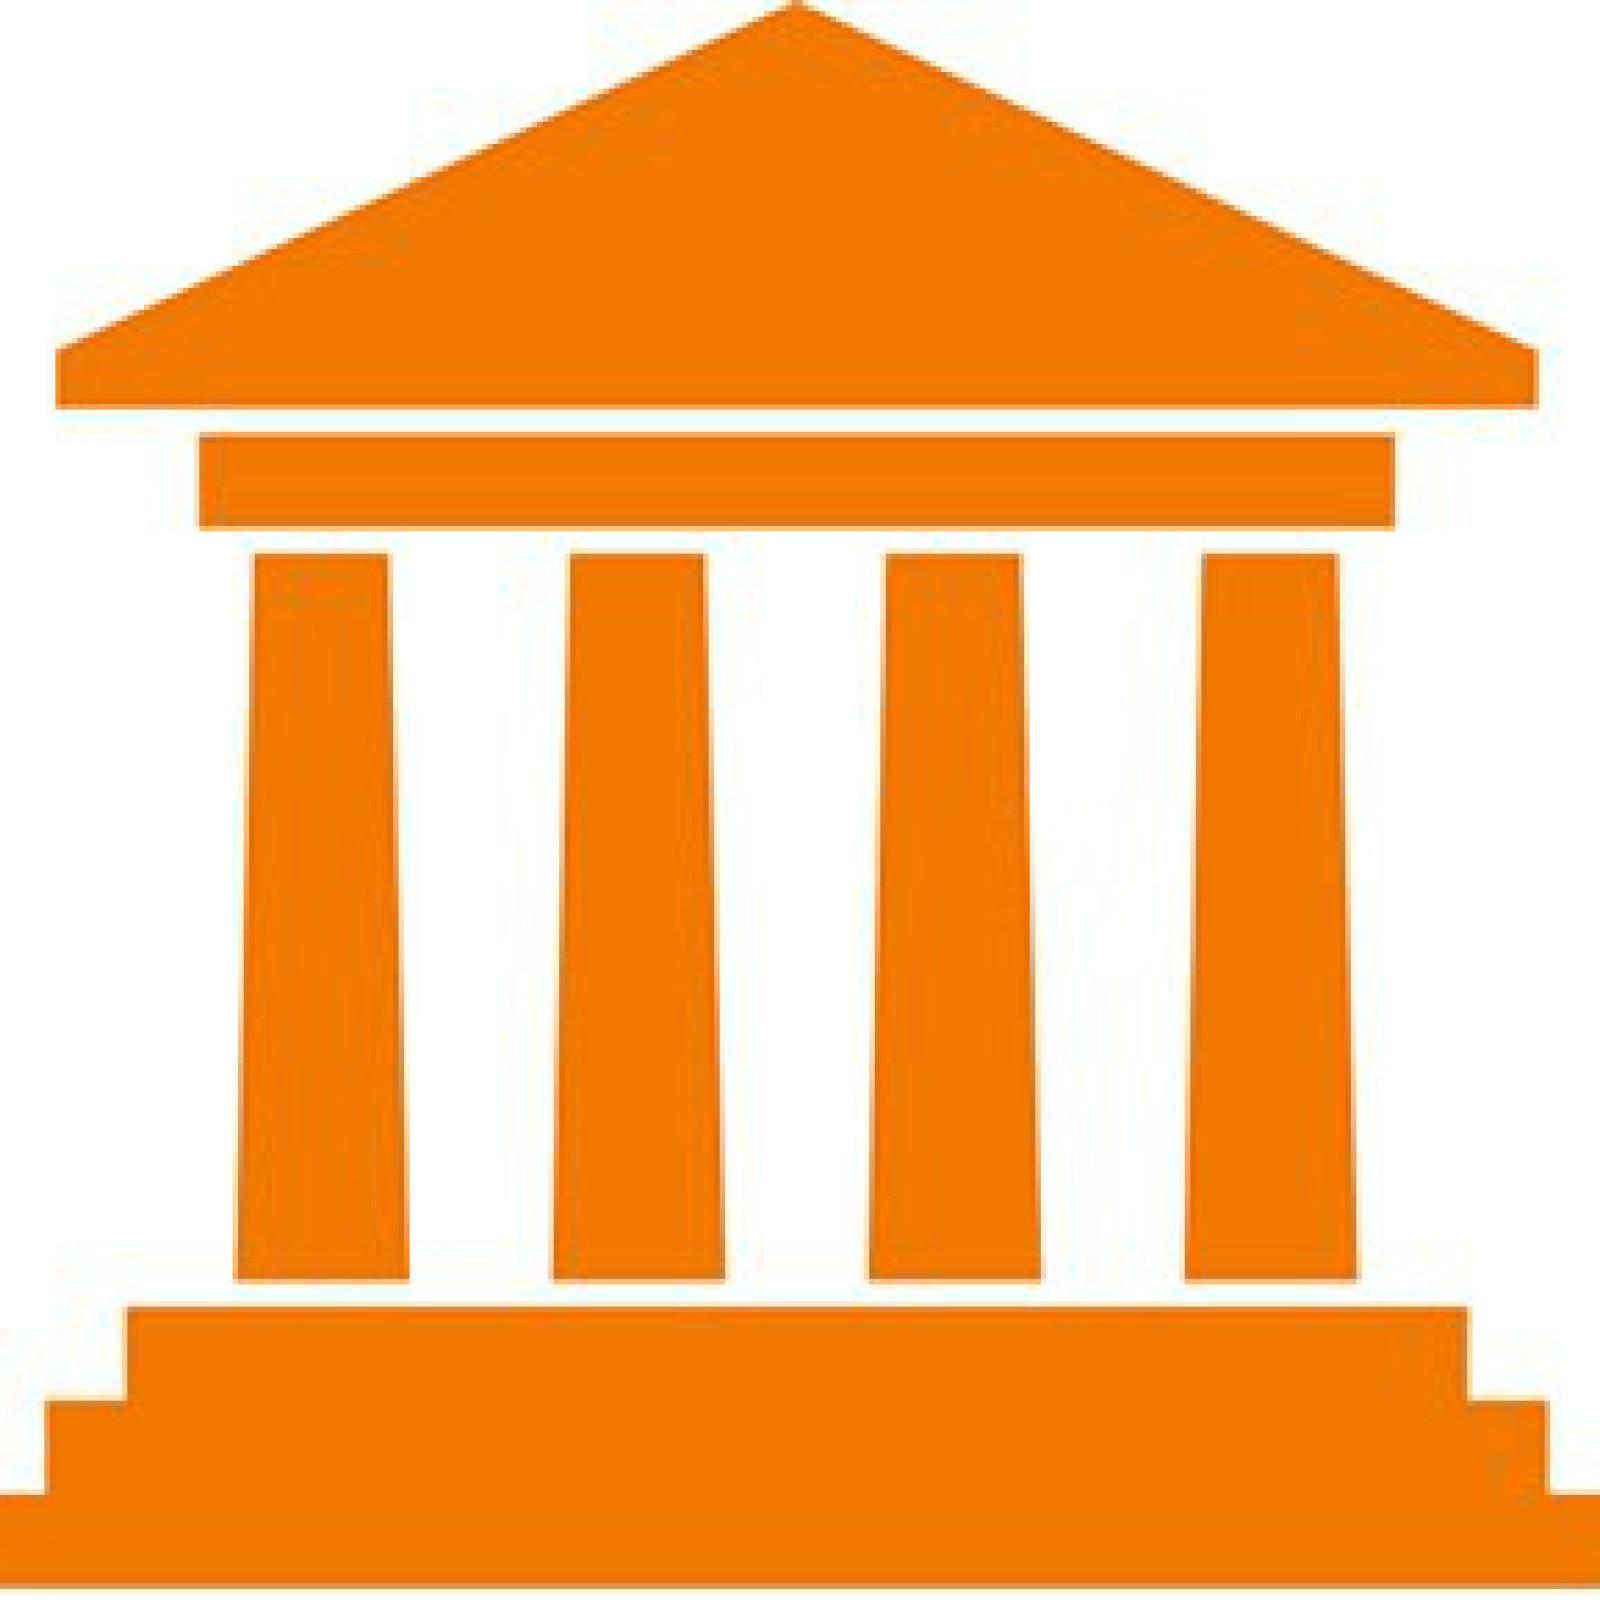 La competenza territoriale dei procedimenti nei confronti dei magistrati: le Sezioni Unite chiariscono